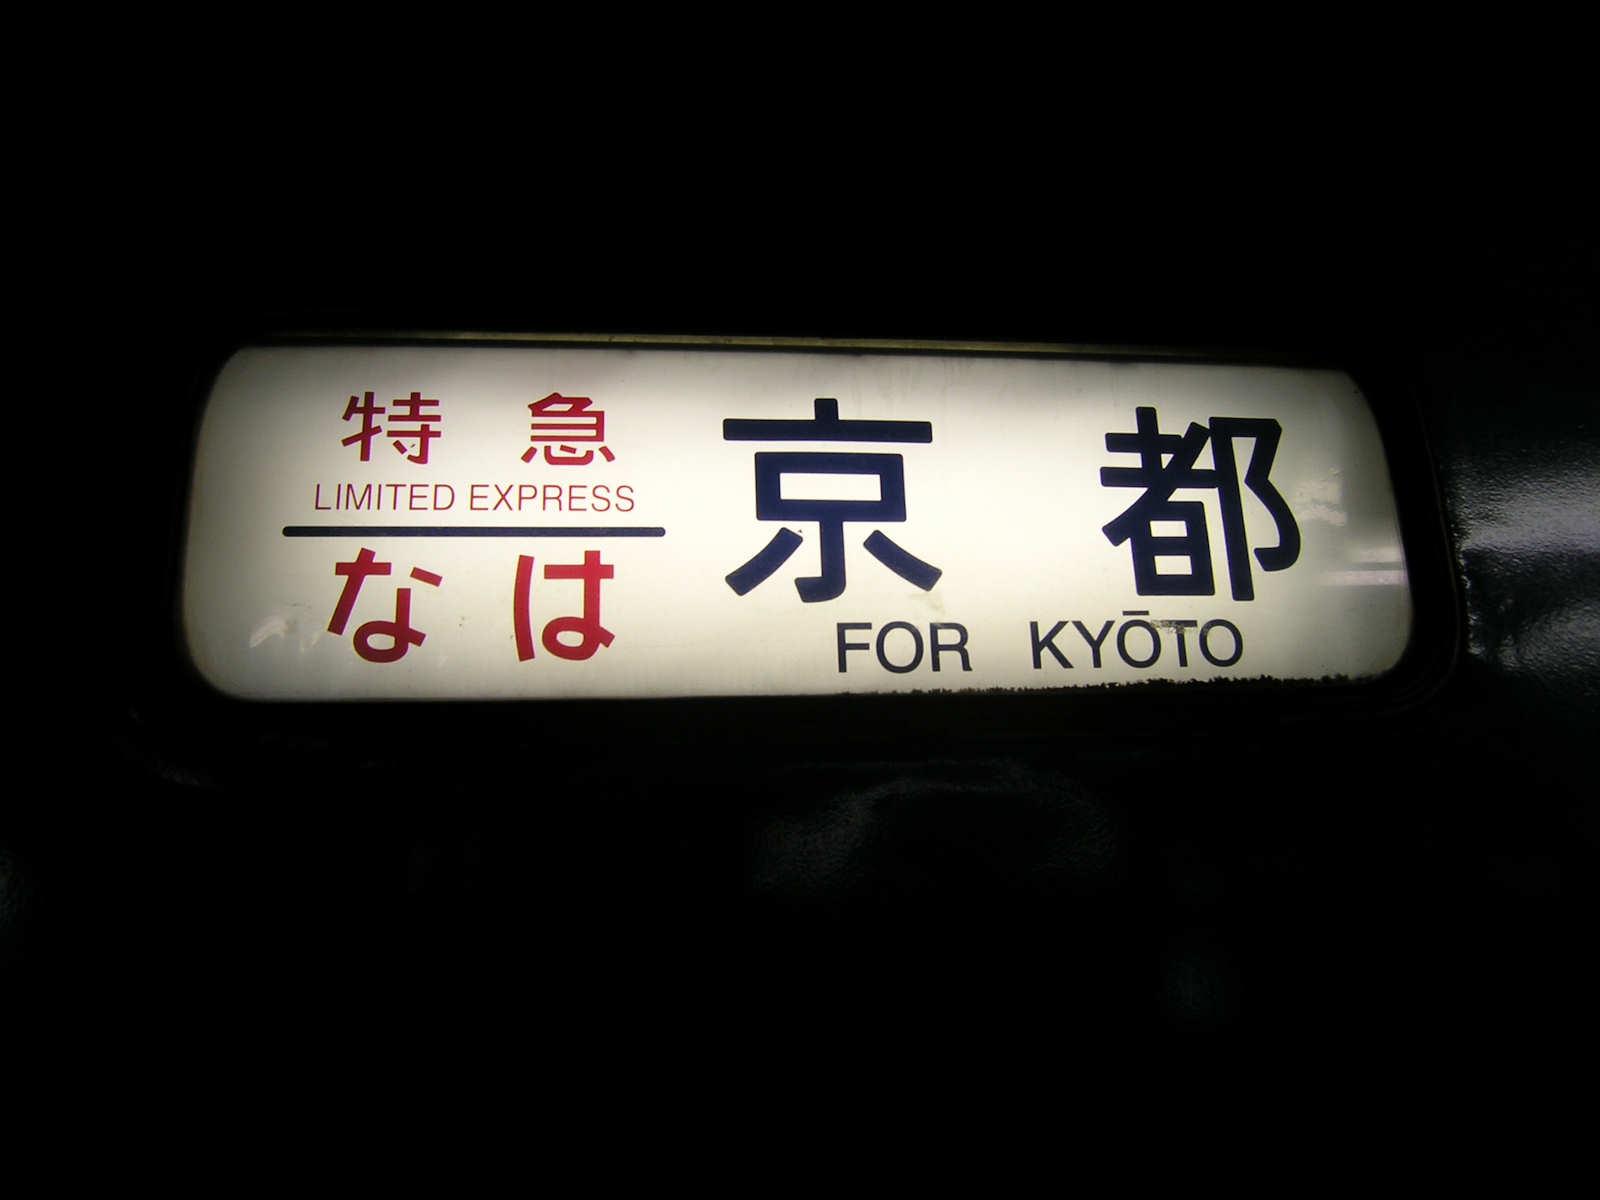 寝台特急なは号京都行き方向幕(JPG-95k)